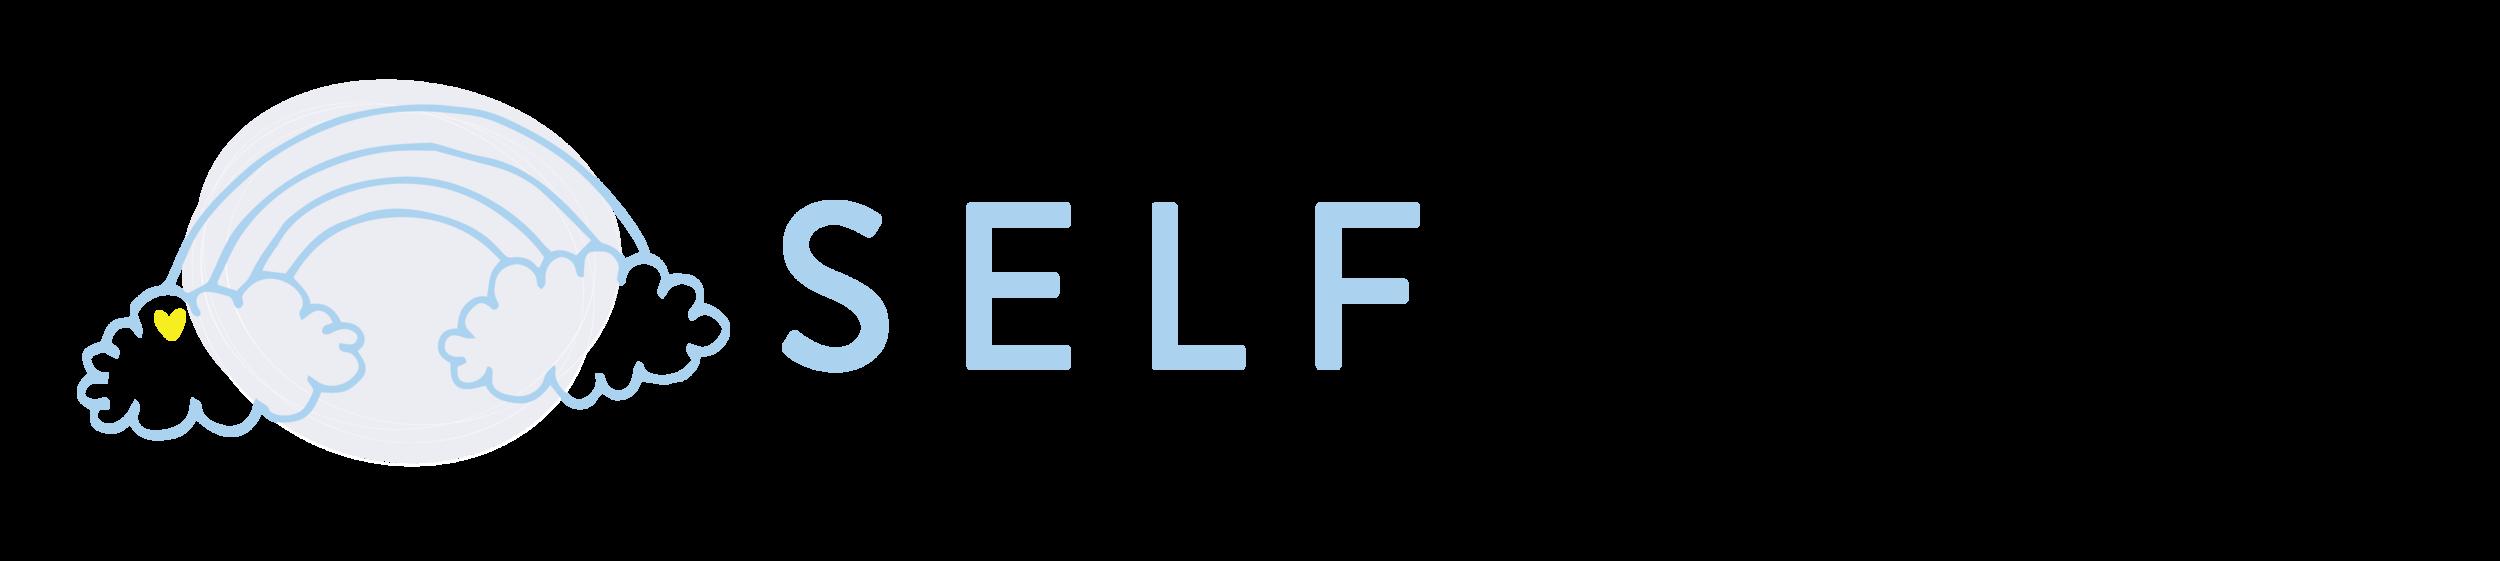 self_word-01.png